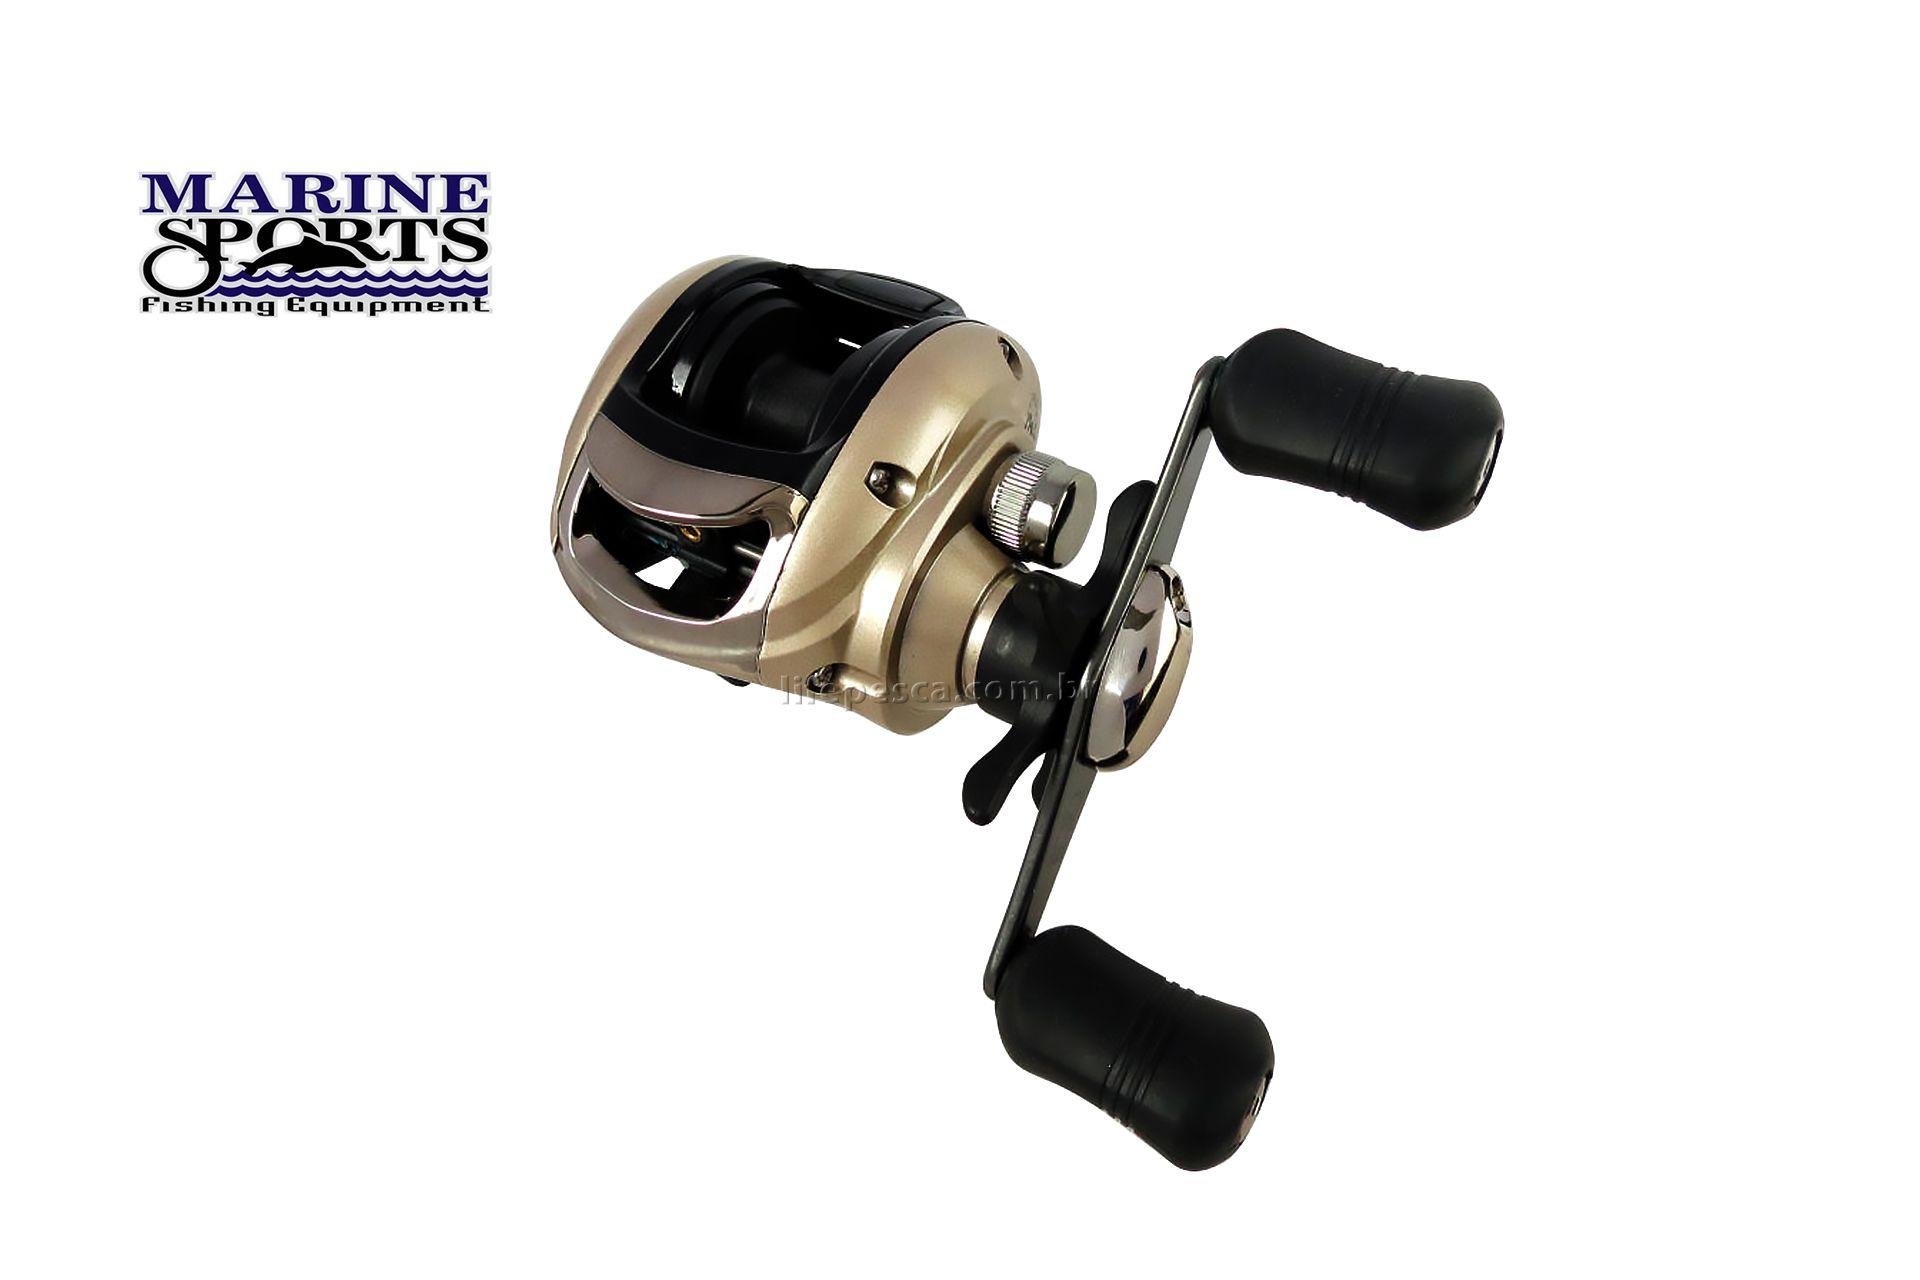 Carretilha Perfil Baixo Marine Sports Elite 3000 - 3 Rolamentos  - Life Pesca - Sua loja de Pesca, Camping e Lazer